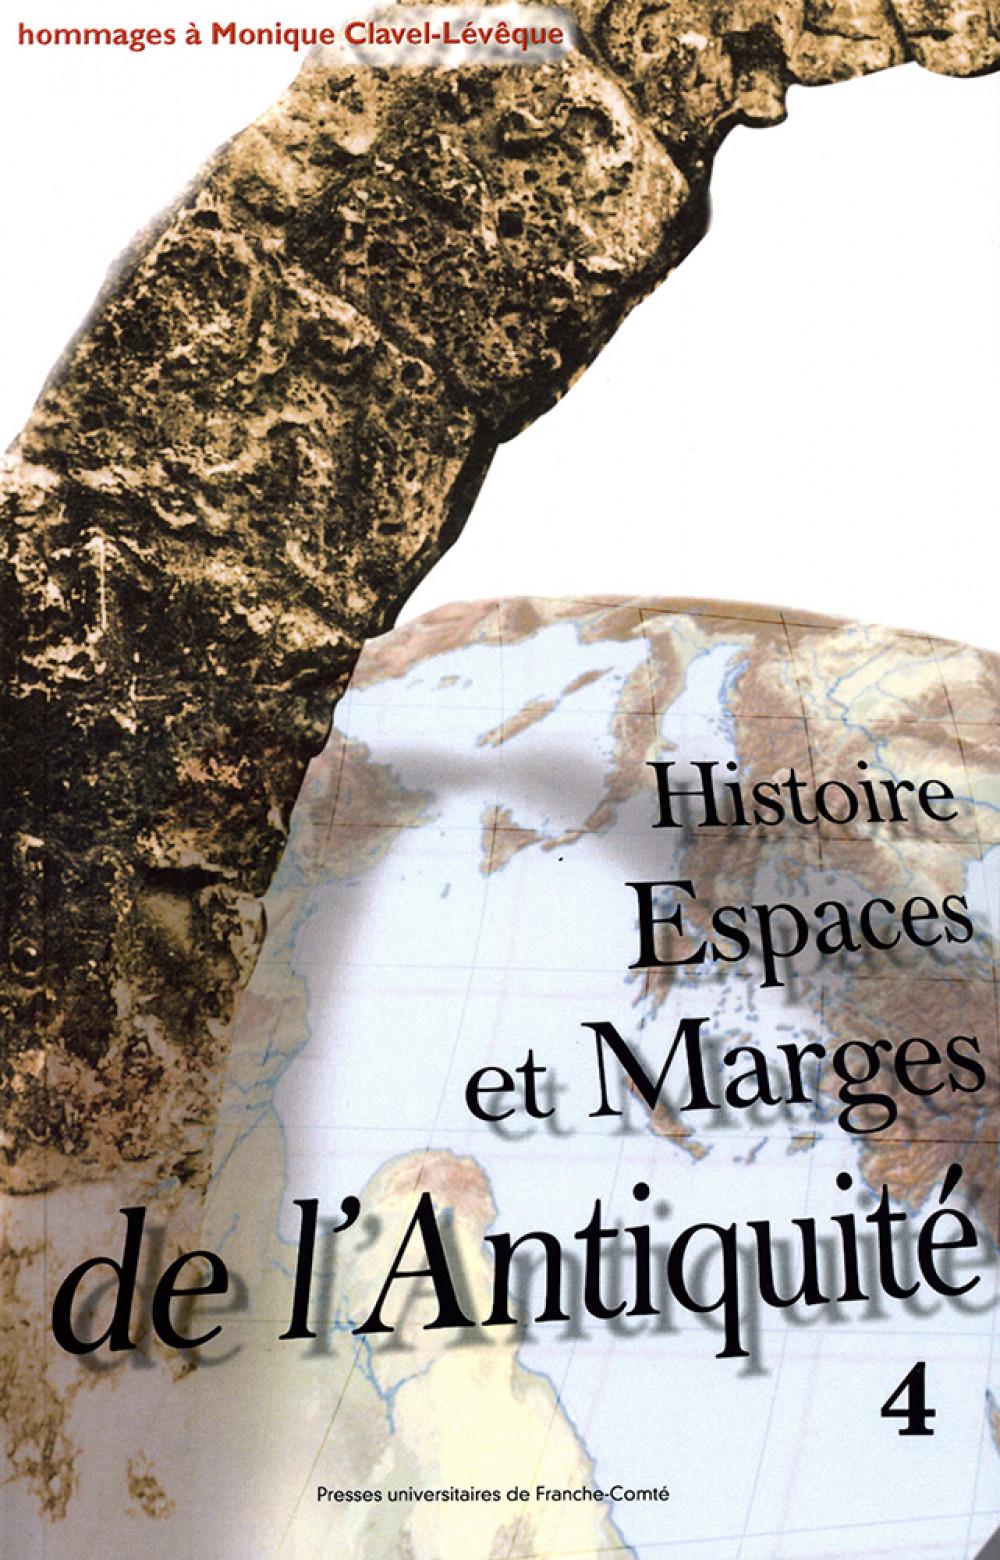 Histoire Espaces et Marges de l'Antiquité 4